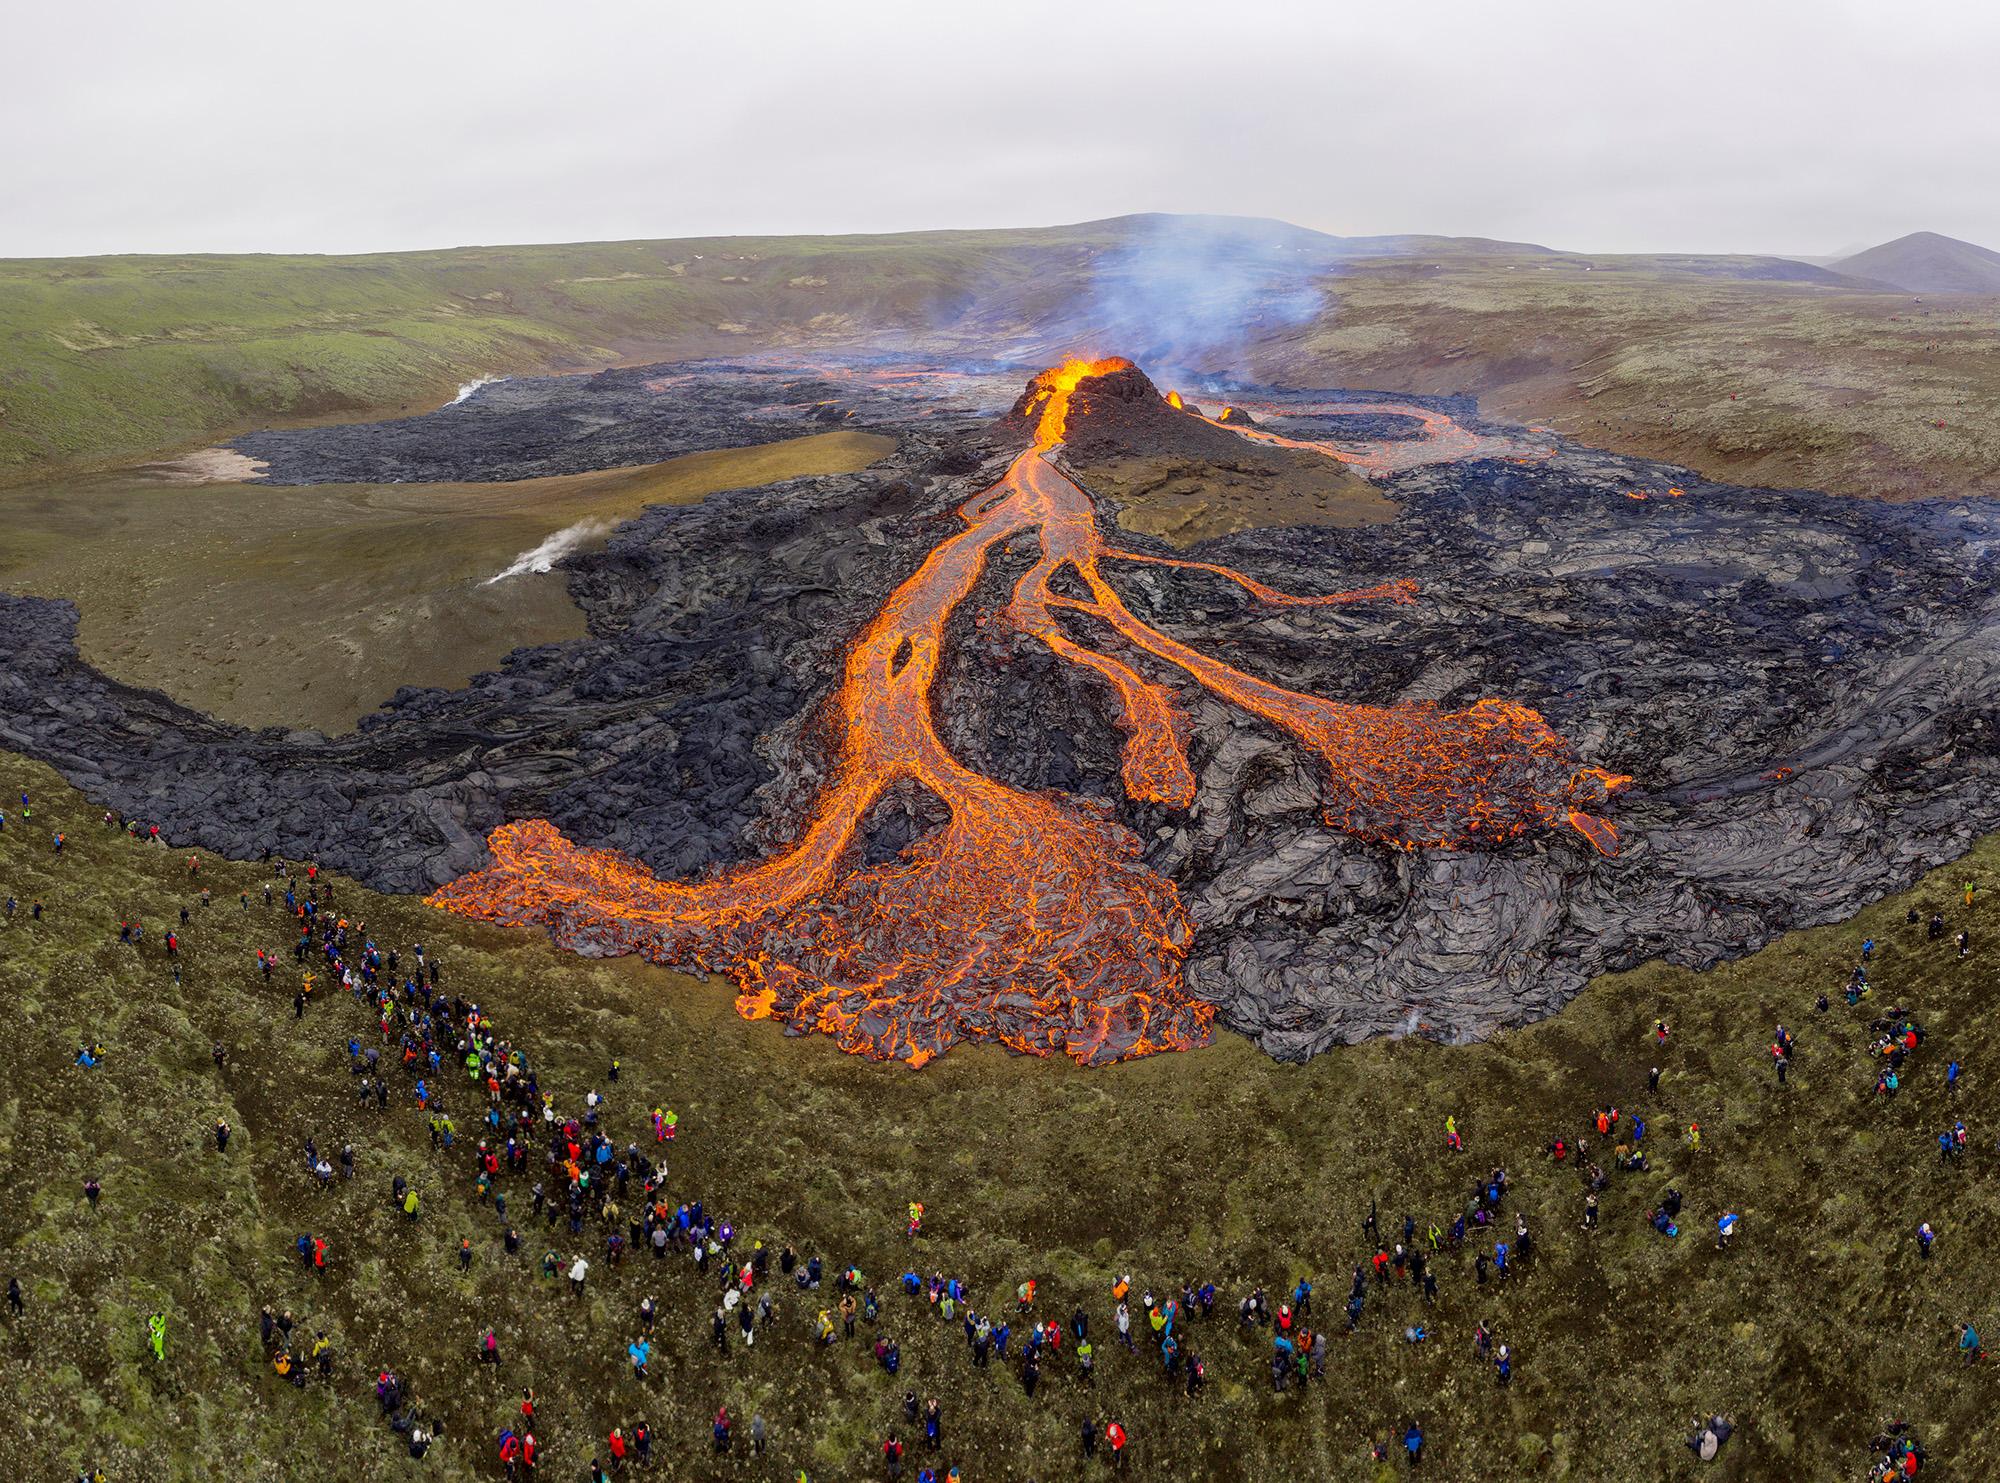 21 марта 2021 года, вид наместо извержения вулкана Фаградалсфьяль наполуострове Рейкьянес вИсландии. Вулкан находится в40 километрах отстолицы страны Рейкьявика, последний раз он извергался больше 6 тысяч лет назад. Извержение происходило черезтрещину 500-700 метров, лава разливалась впределах километра.